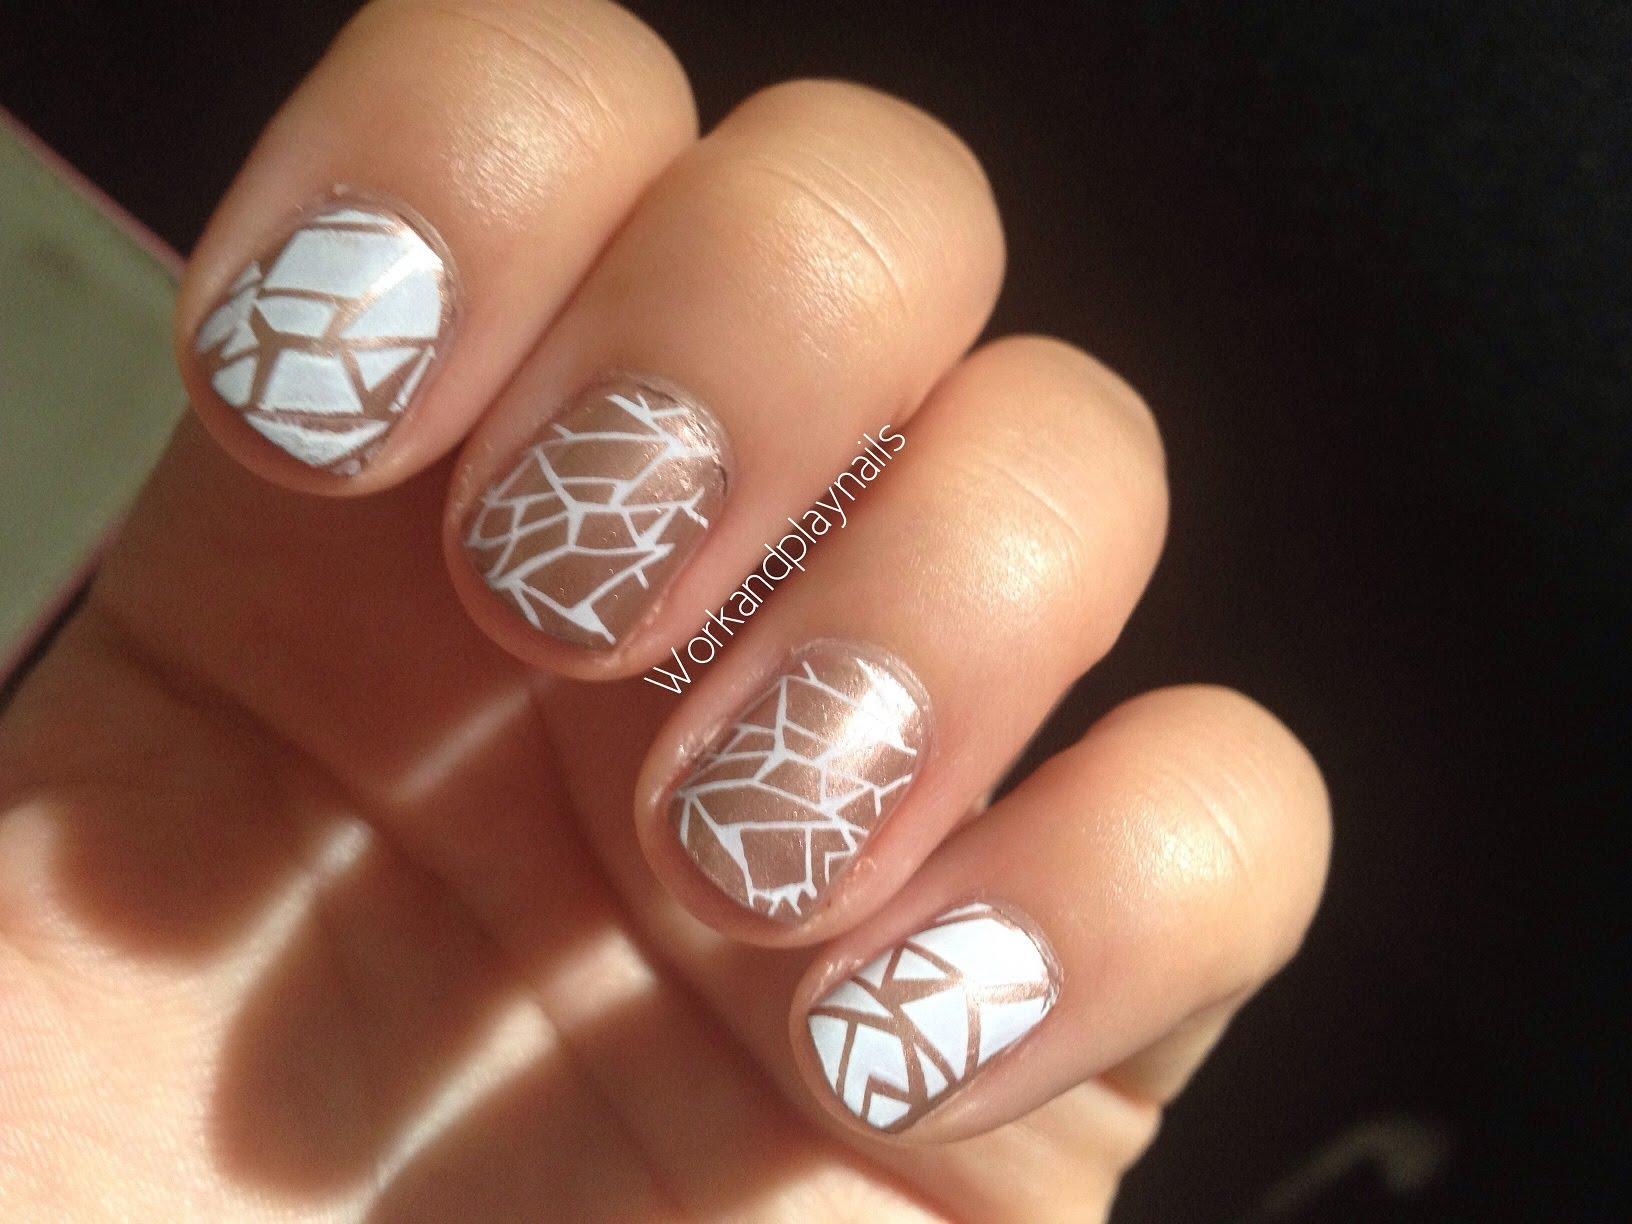 Metallic Cracked Up Nail Tutorial Nail Stamping Work And Play Nails